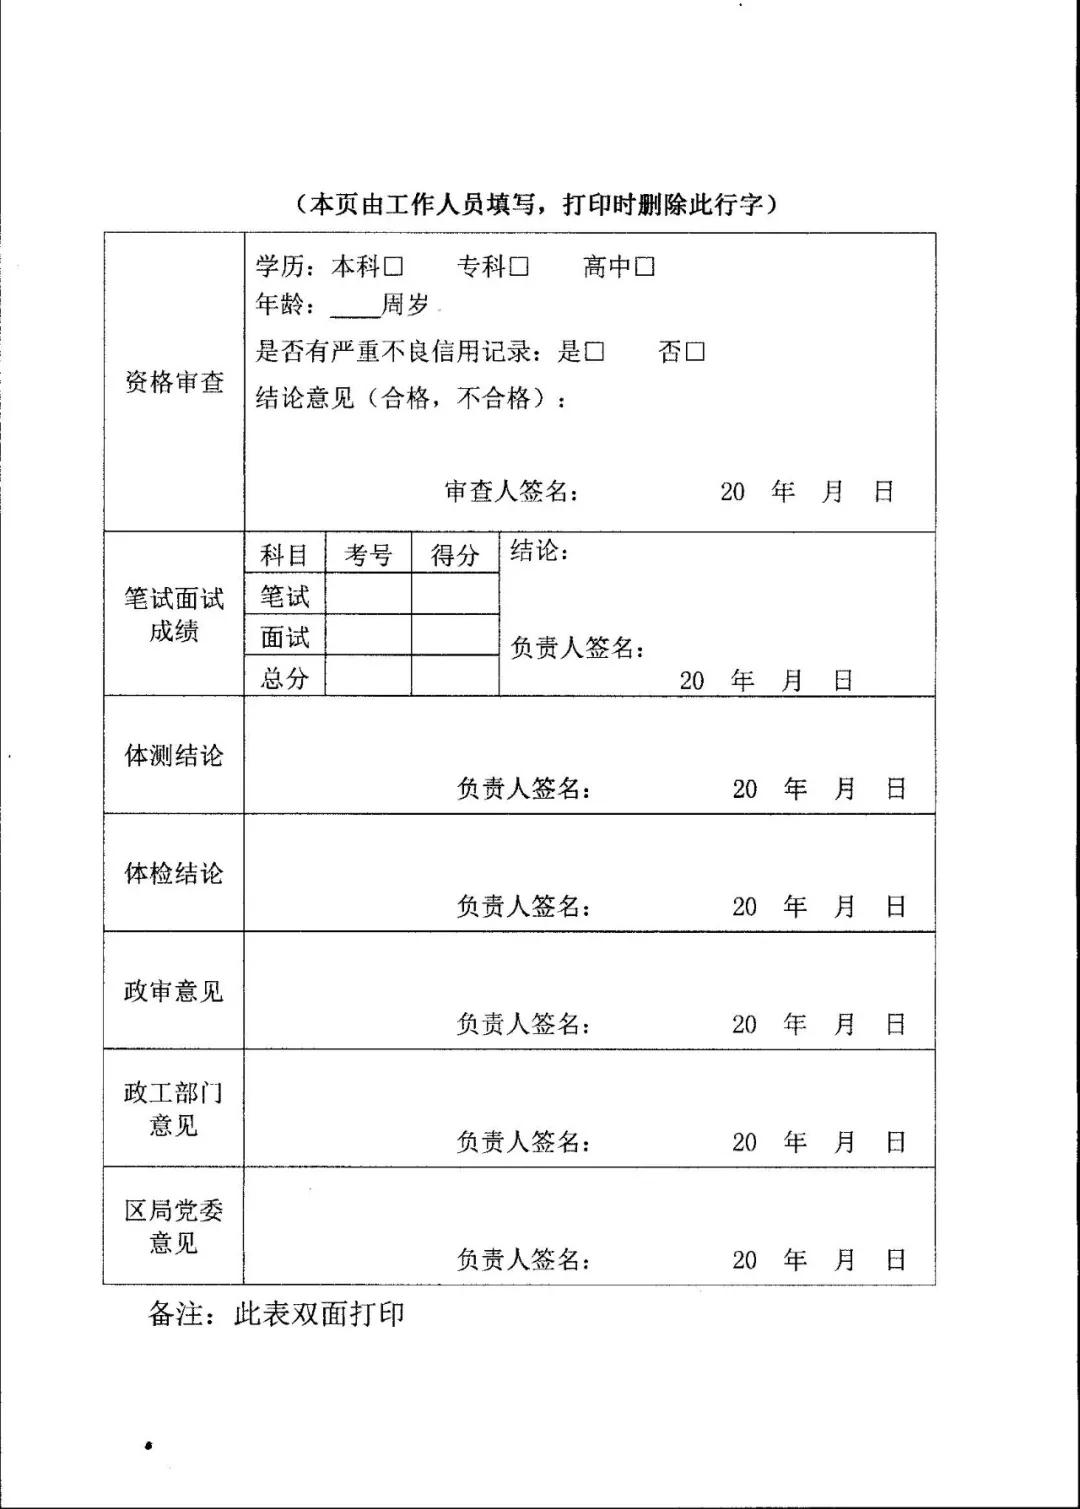 2019年重庆涪陵区公安局警务辅助岗招聘公告图2